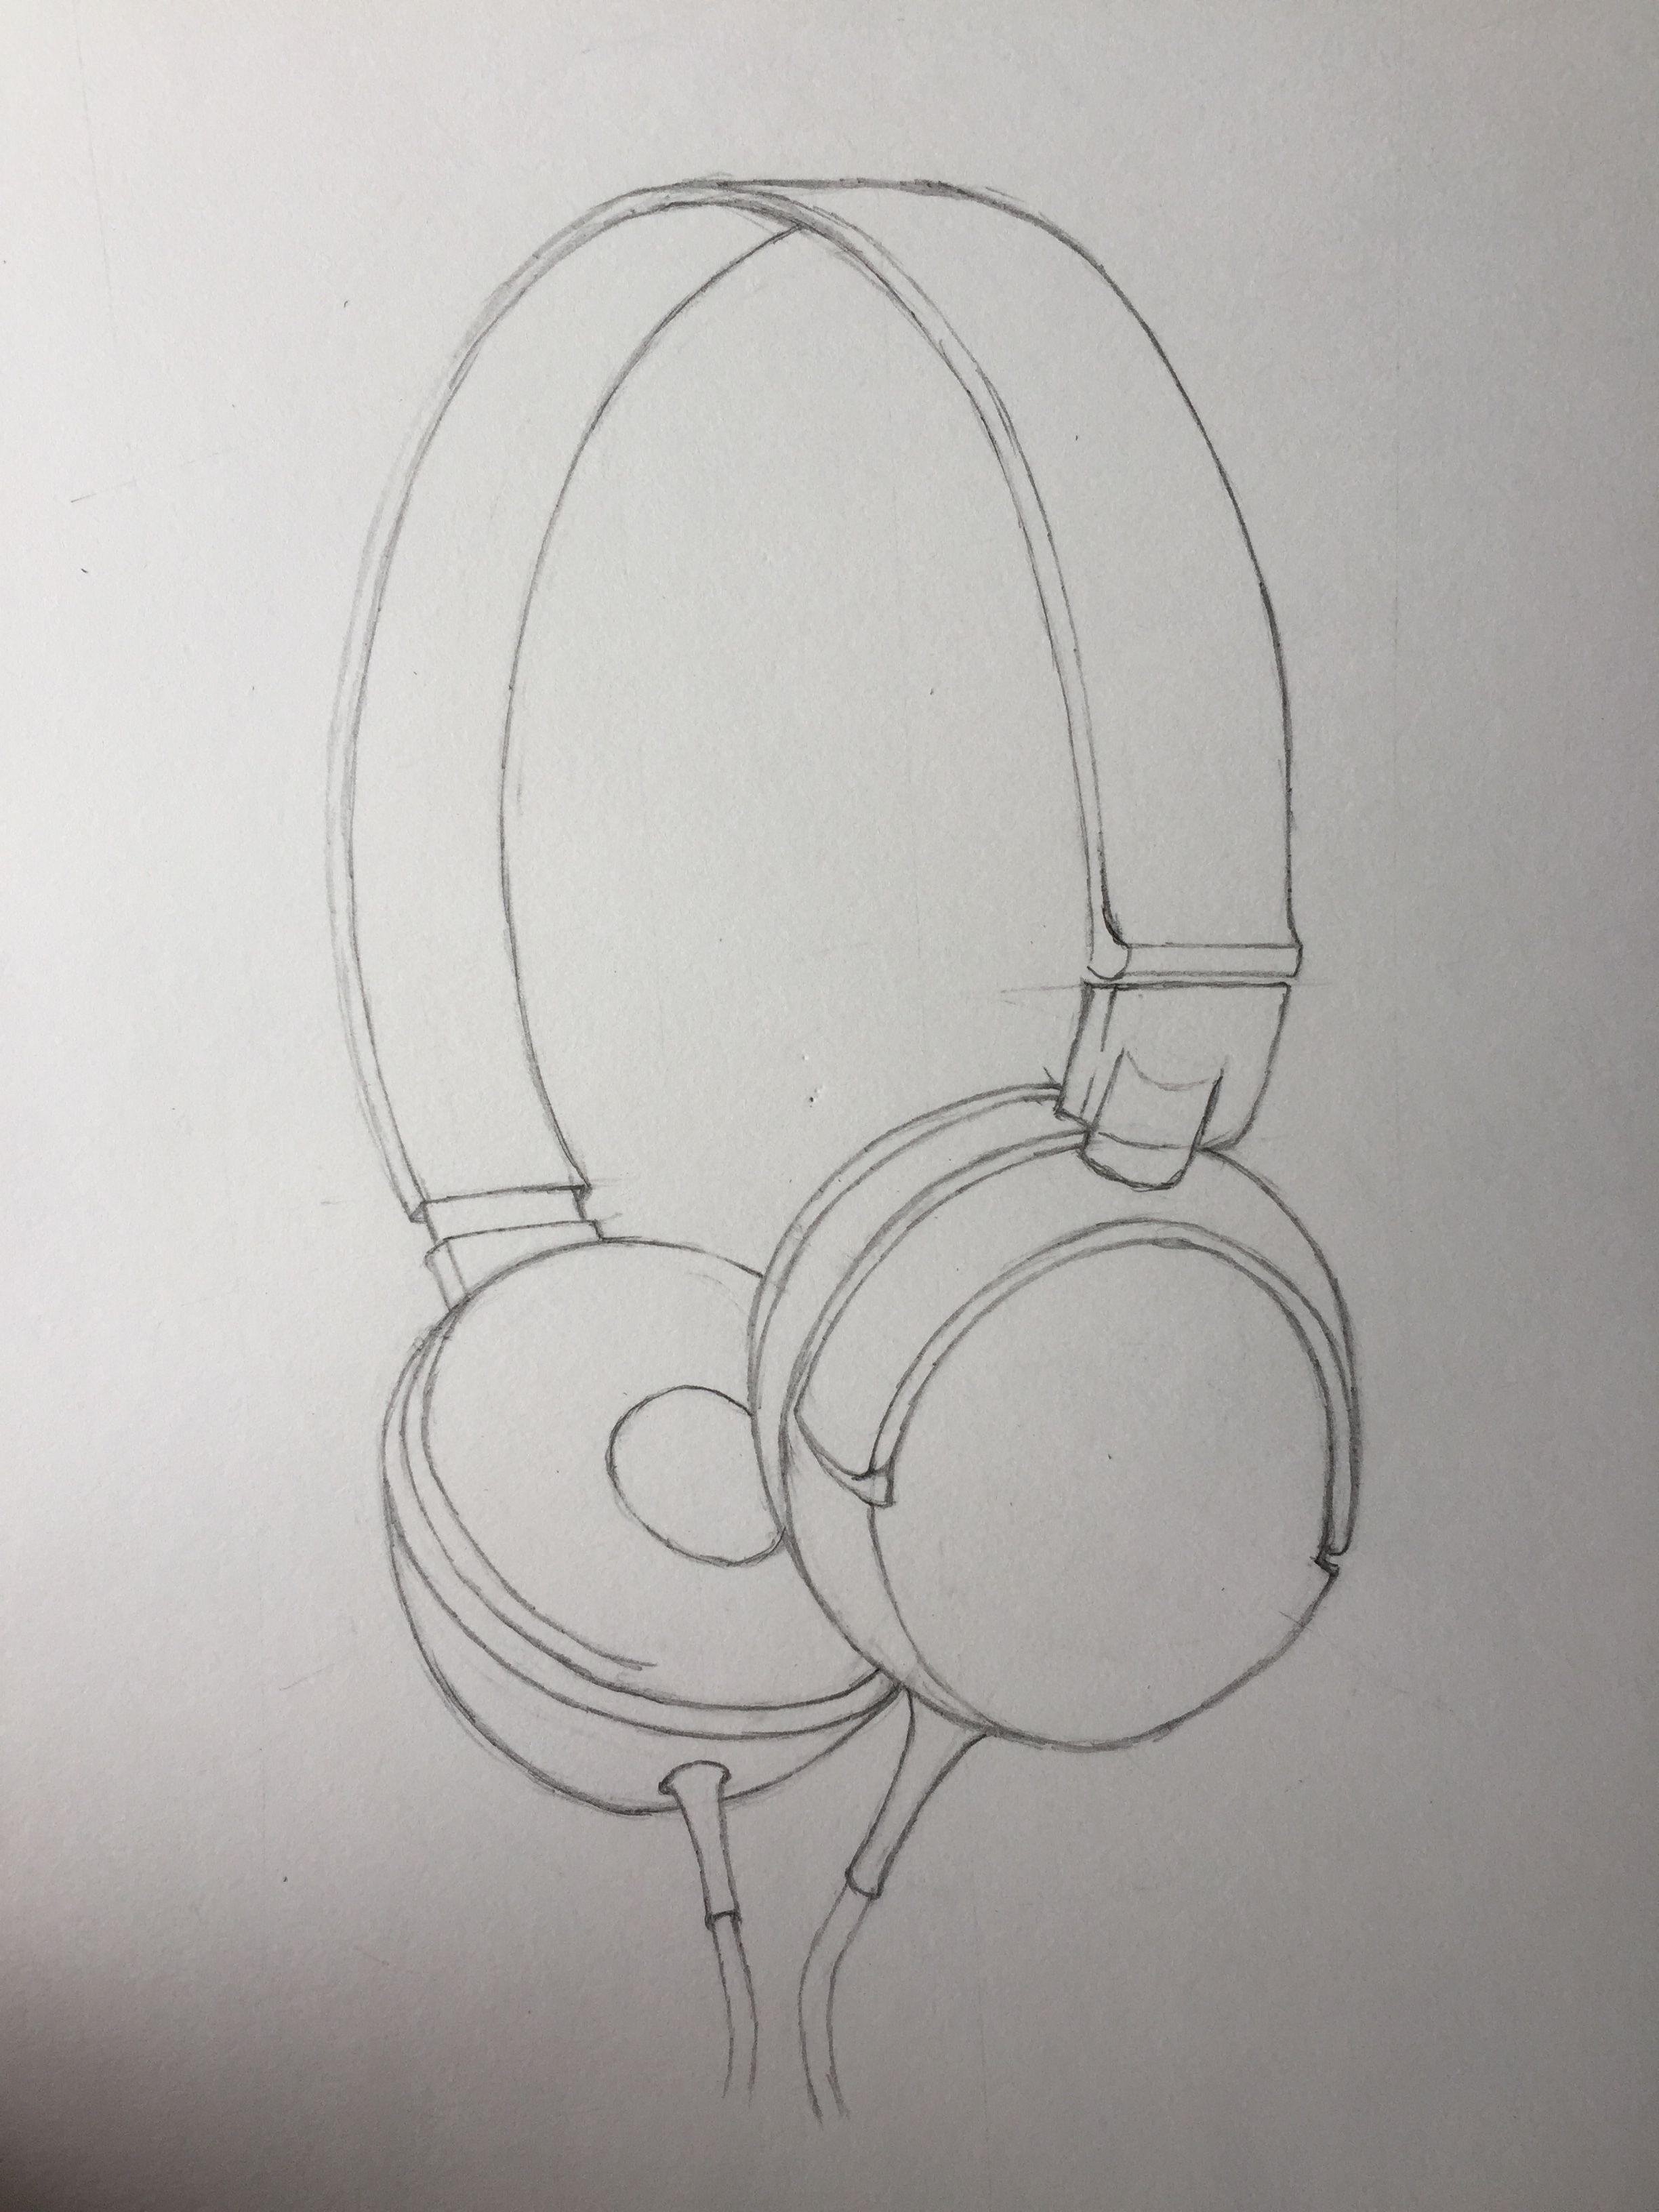 Tried headphones sketch 😎